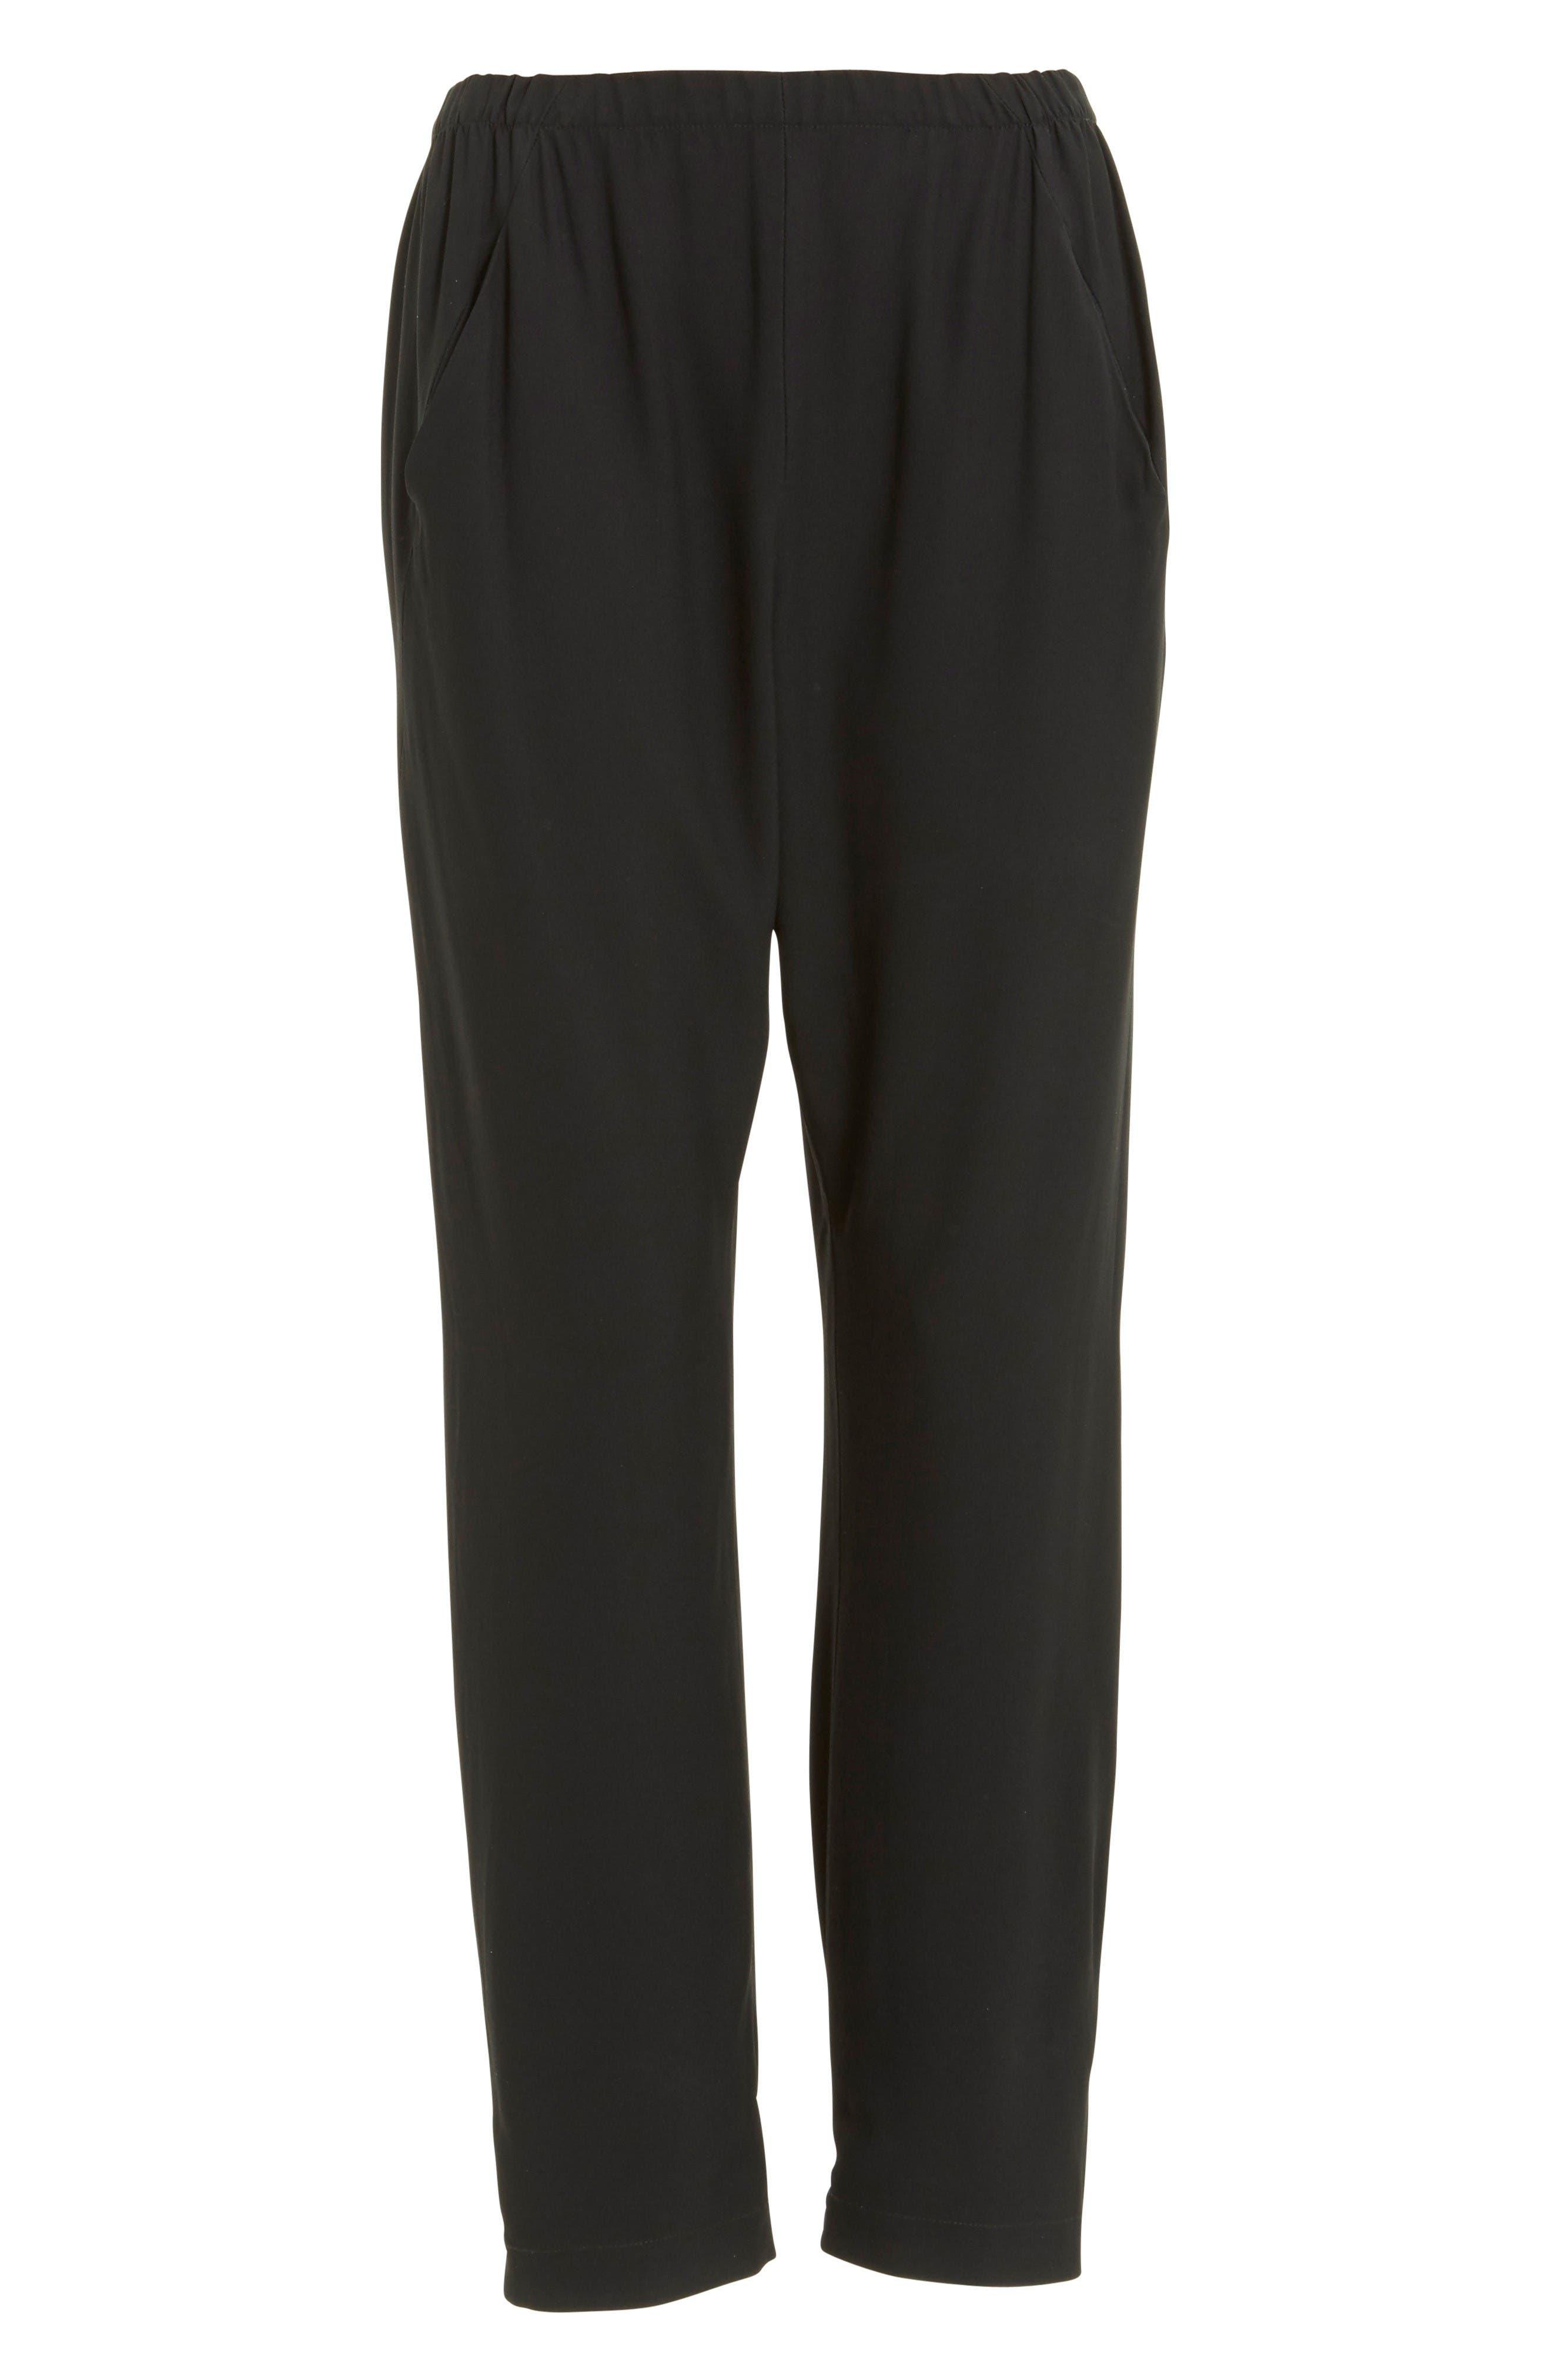 Gabi Drape Trousers,                             Alternate thumbnail 4, color,                             Black